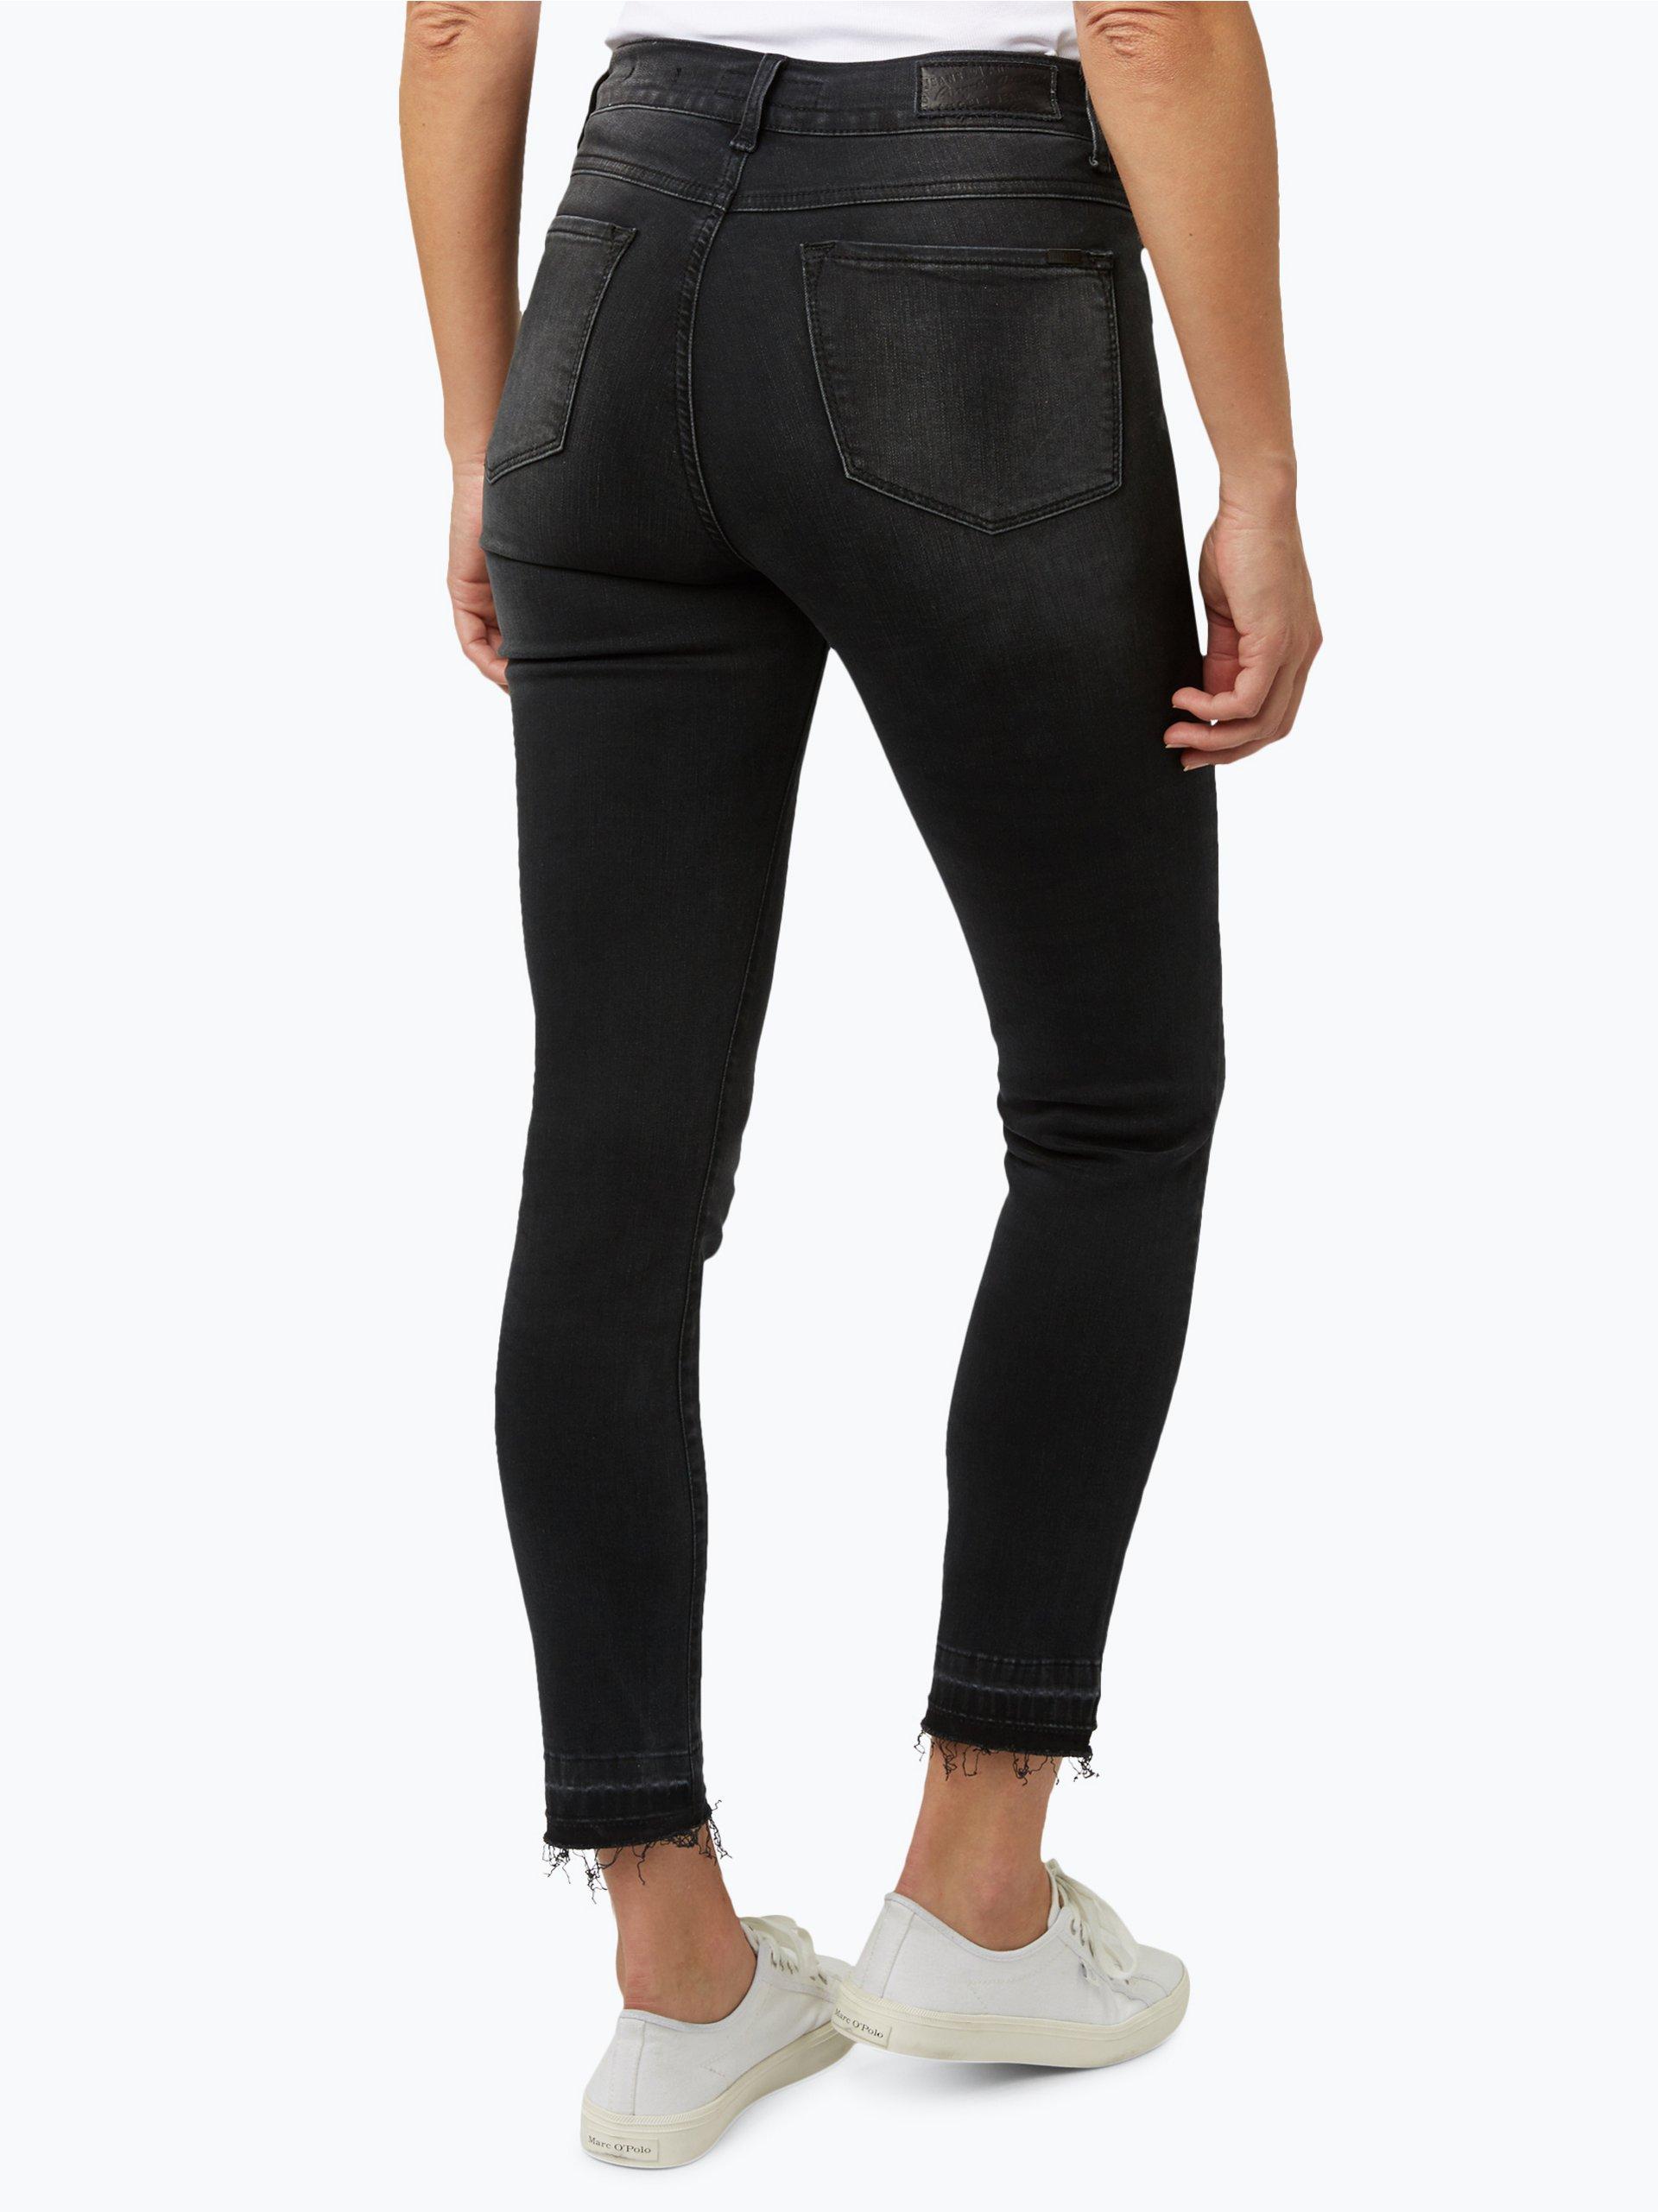 angels damen jeans skinny stick short schwarz gemustert. Black Bedroom Furniture Sets. Home Design Ideas